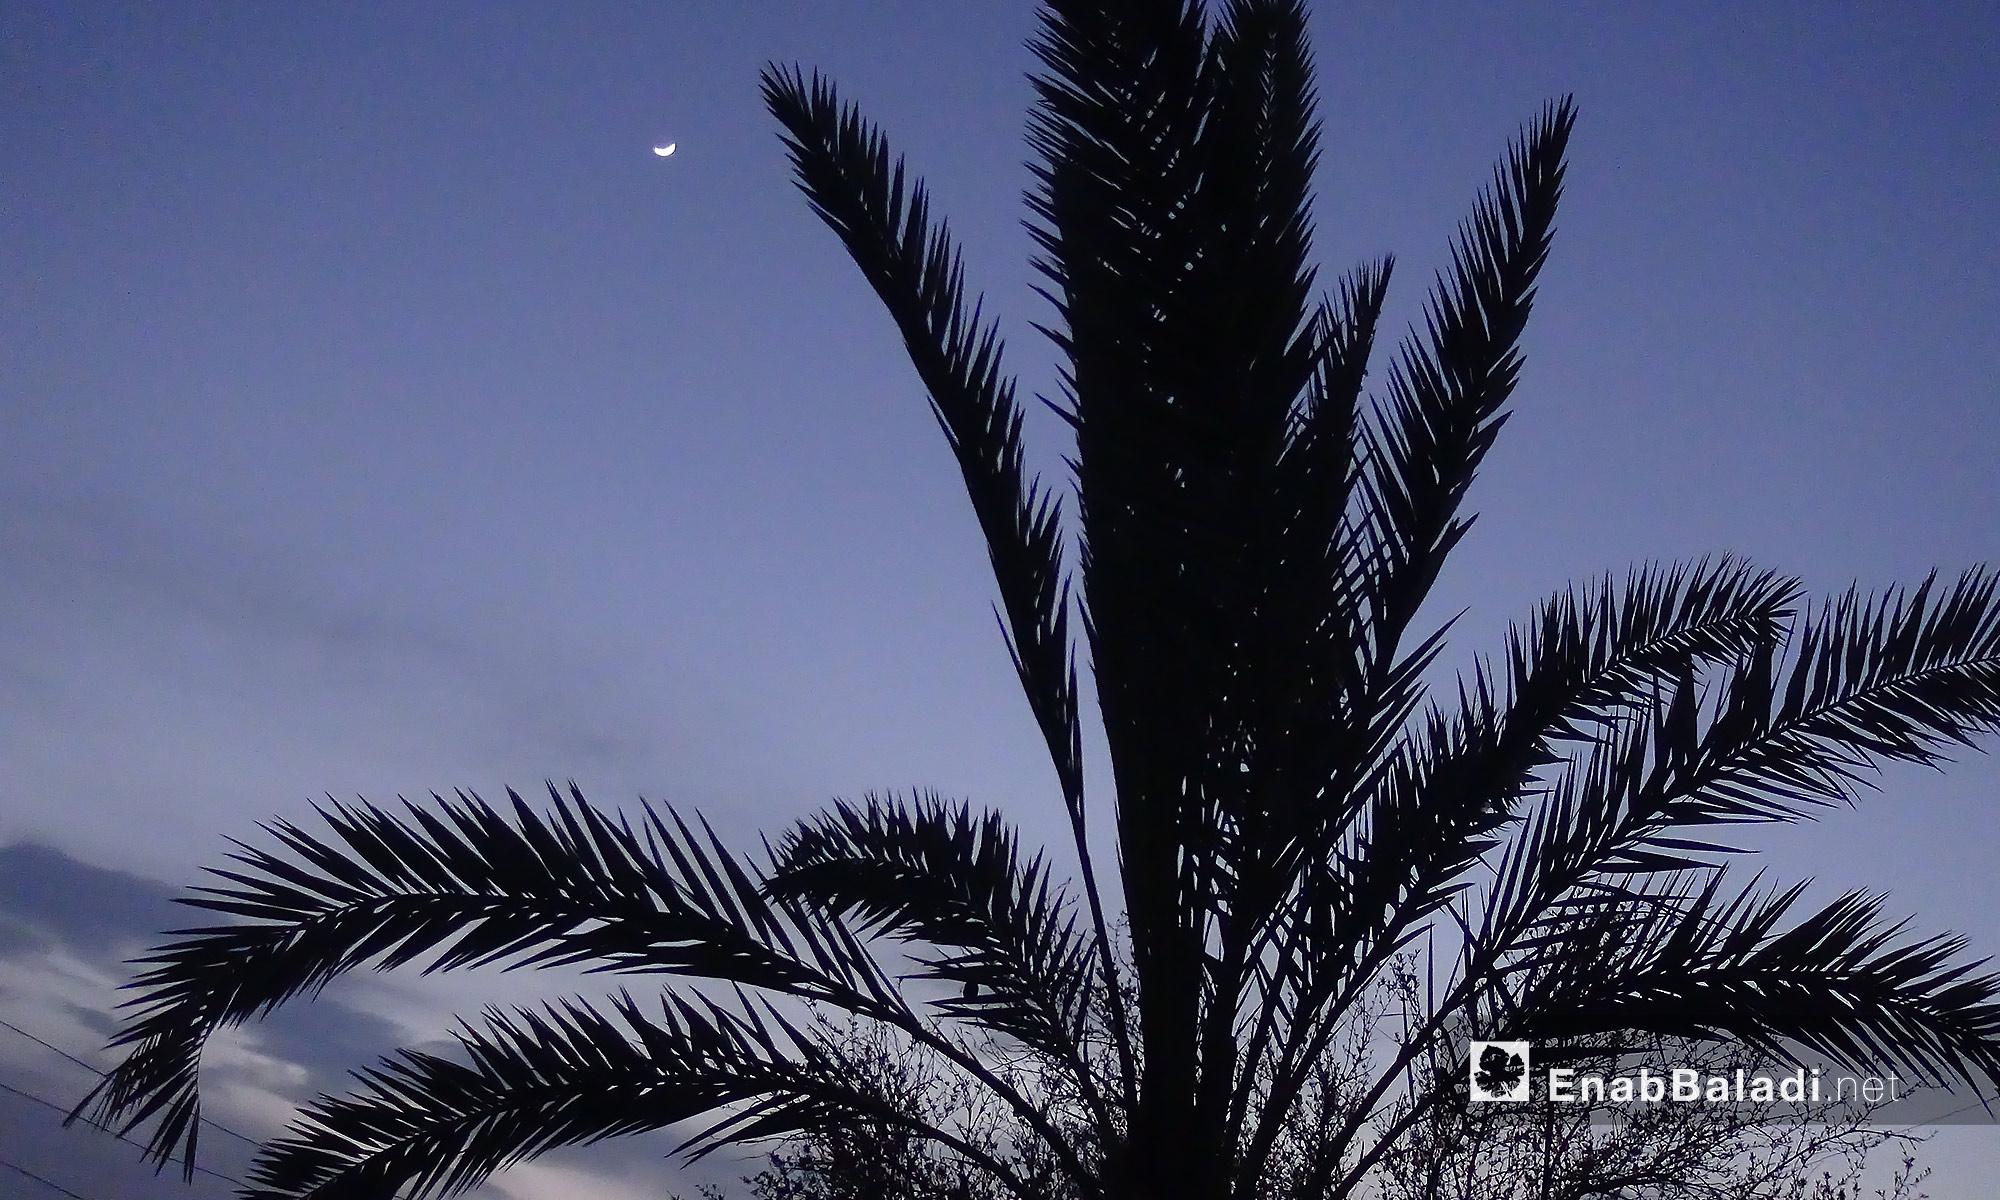 بلدة كفرجالس بإدلب وقت غروب الشمس  - 4 نيسان 2017 (عنب بلدي)